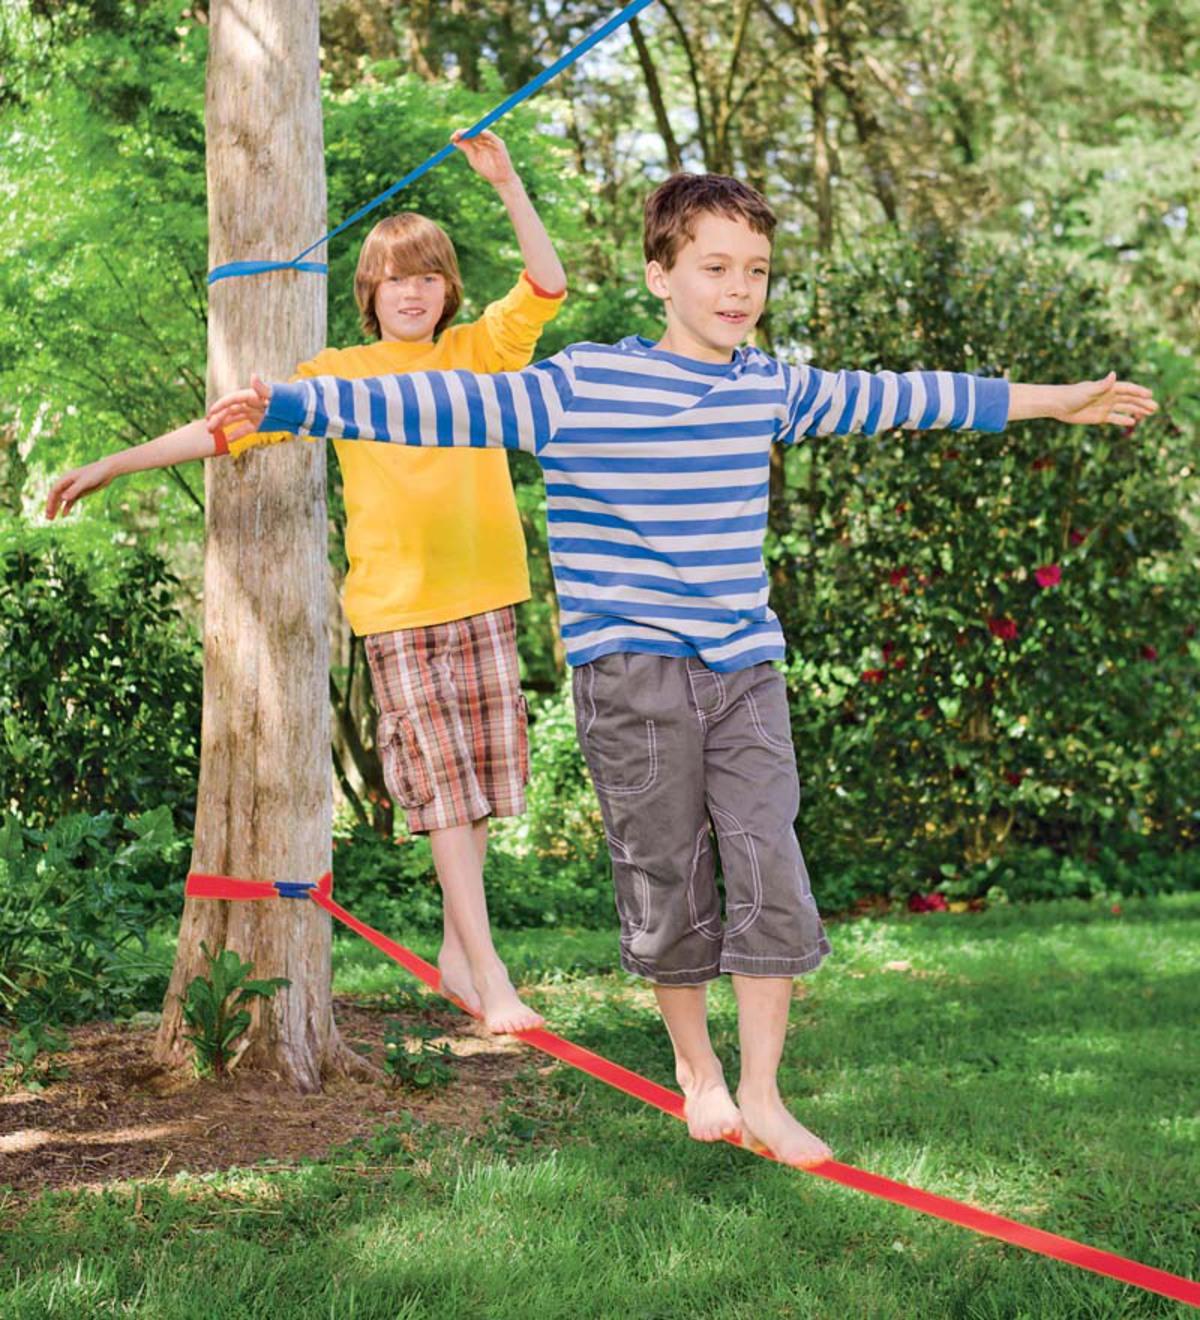 Slackline poprawia koncentrację i koordynację dzieci